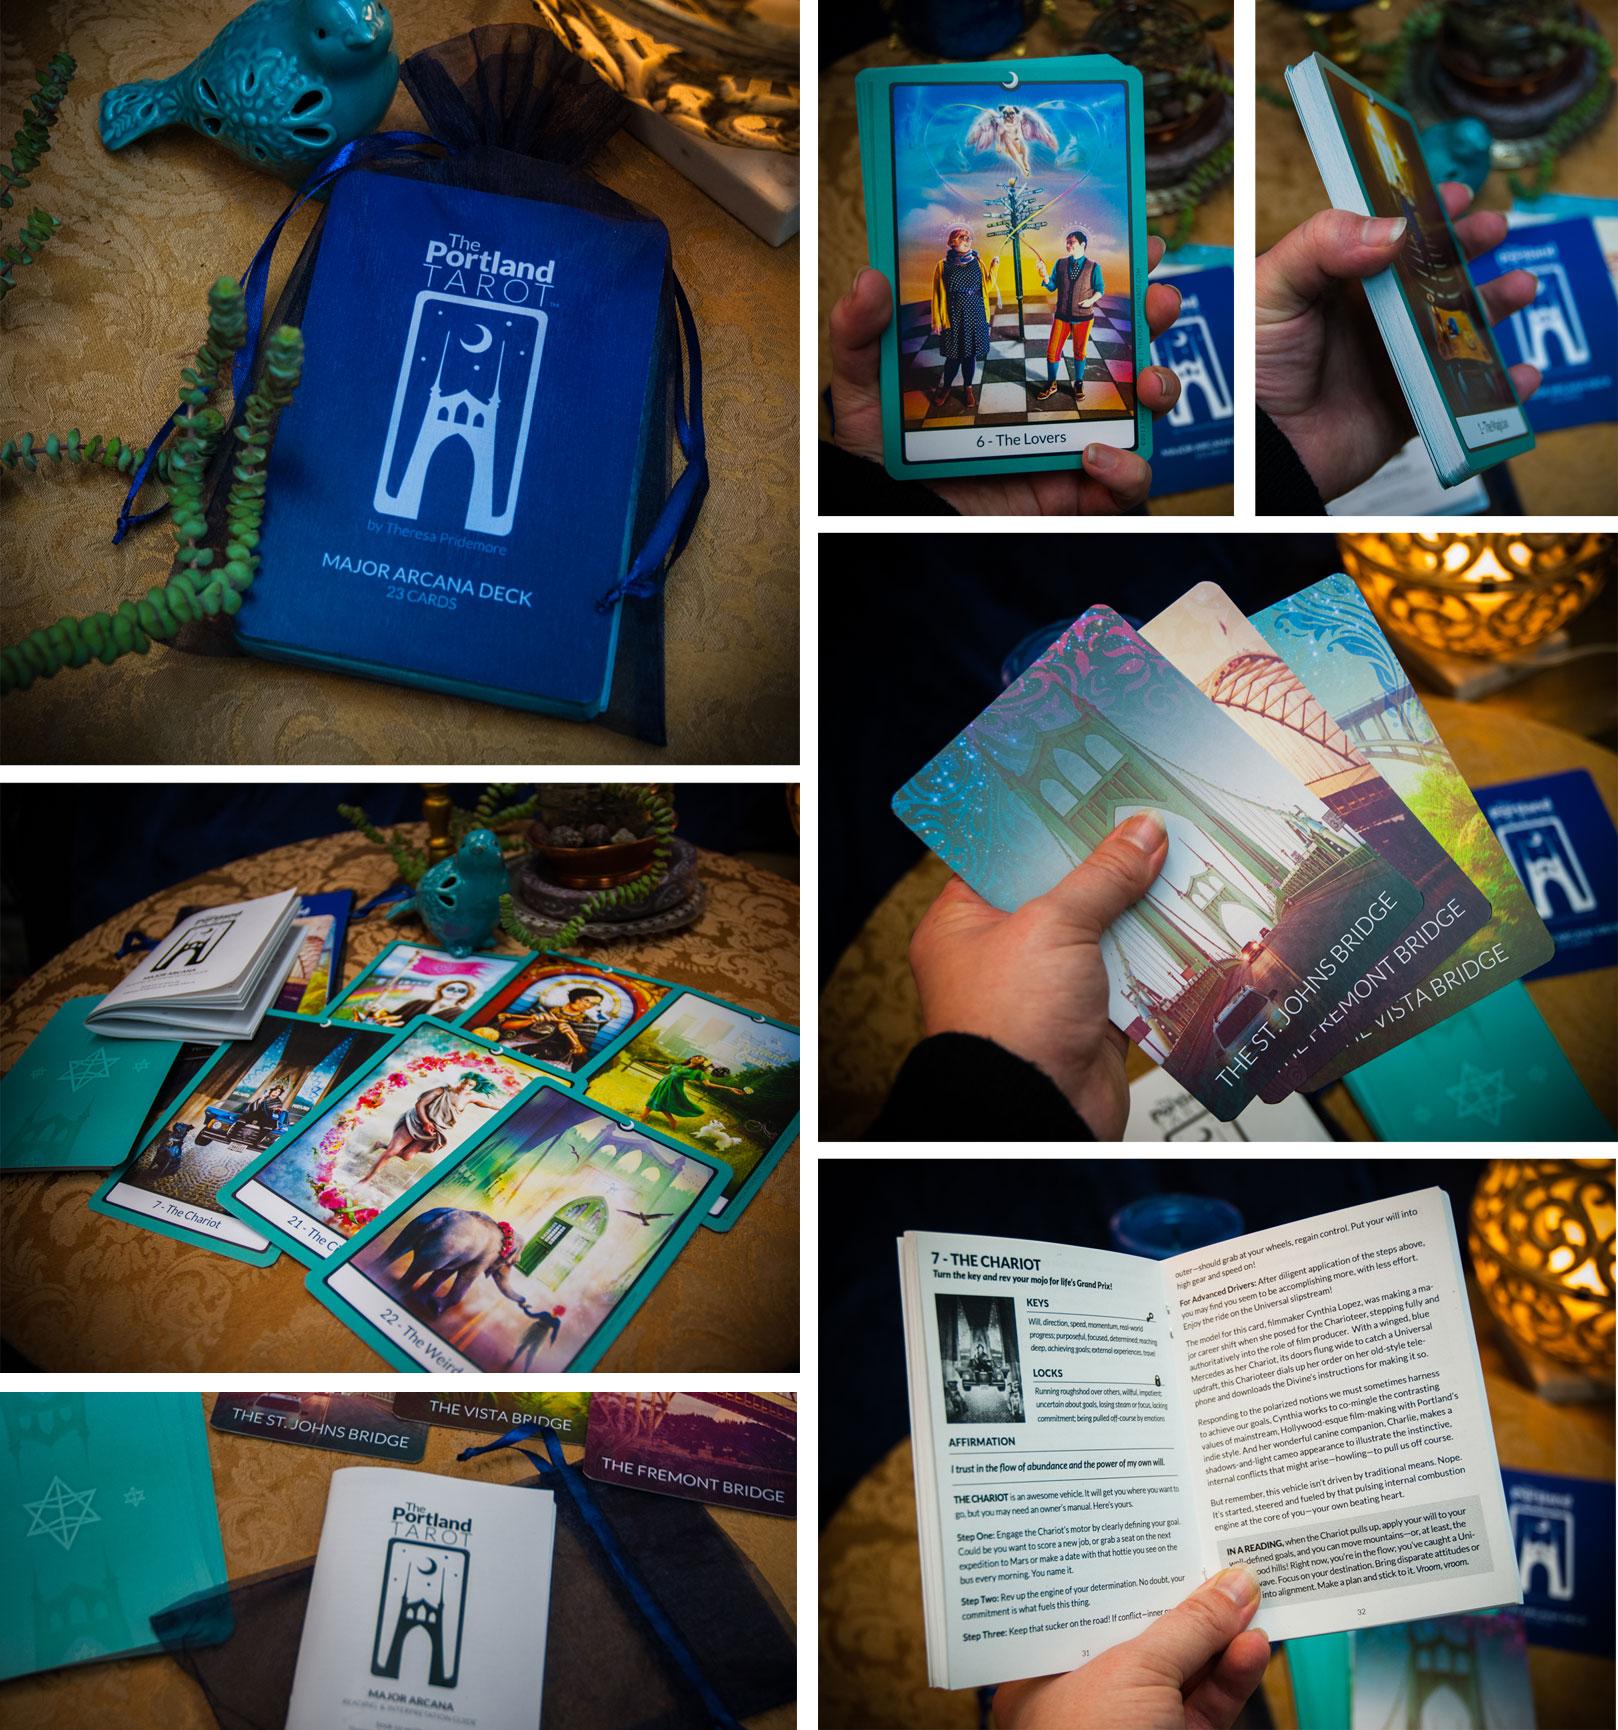 The New 2nd Edition Portland Tarot Major Arcana Deck